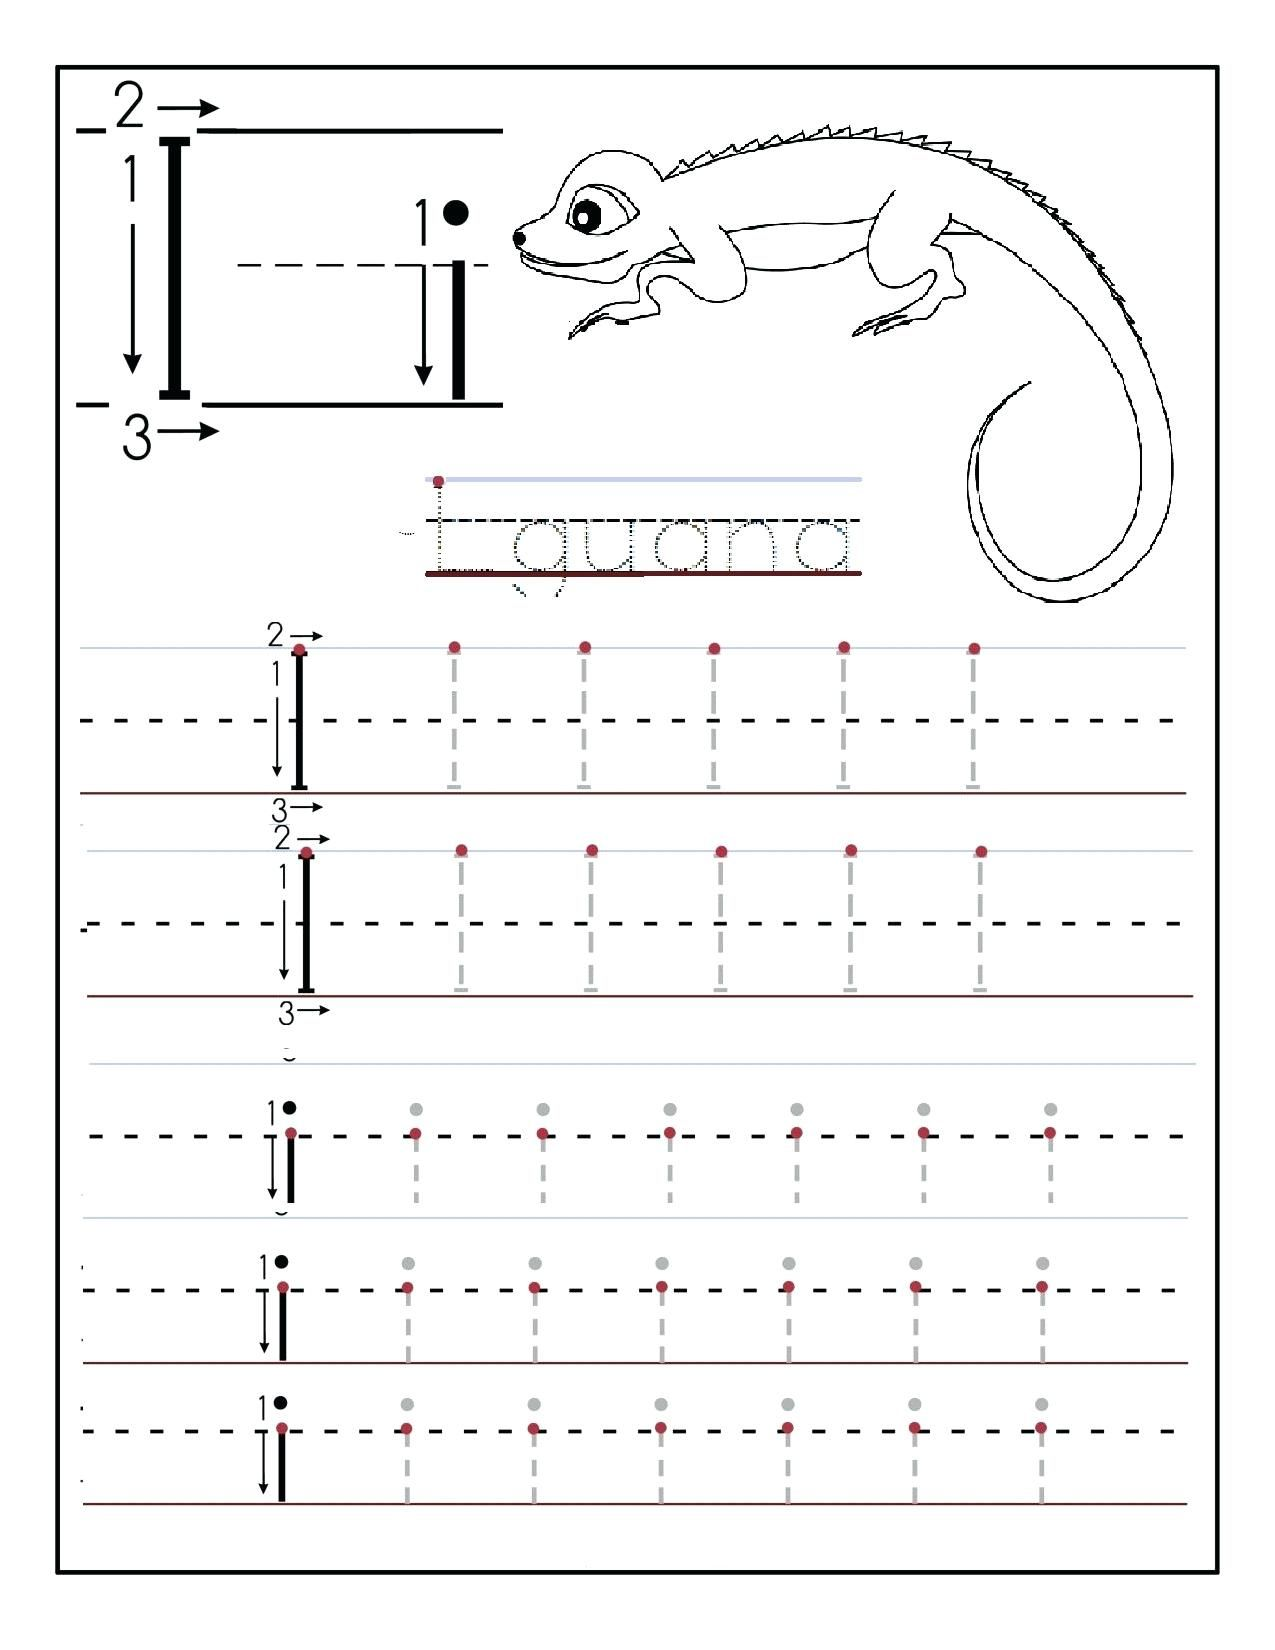 Free Free Printable Preschool Worksheets Pictures